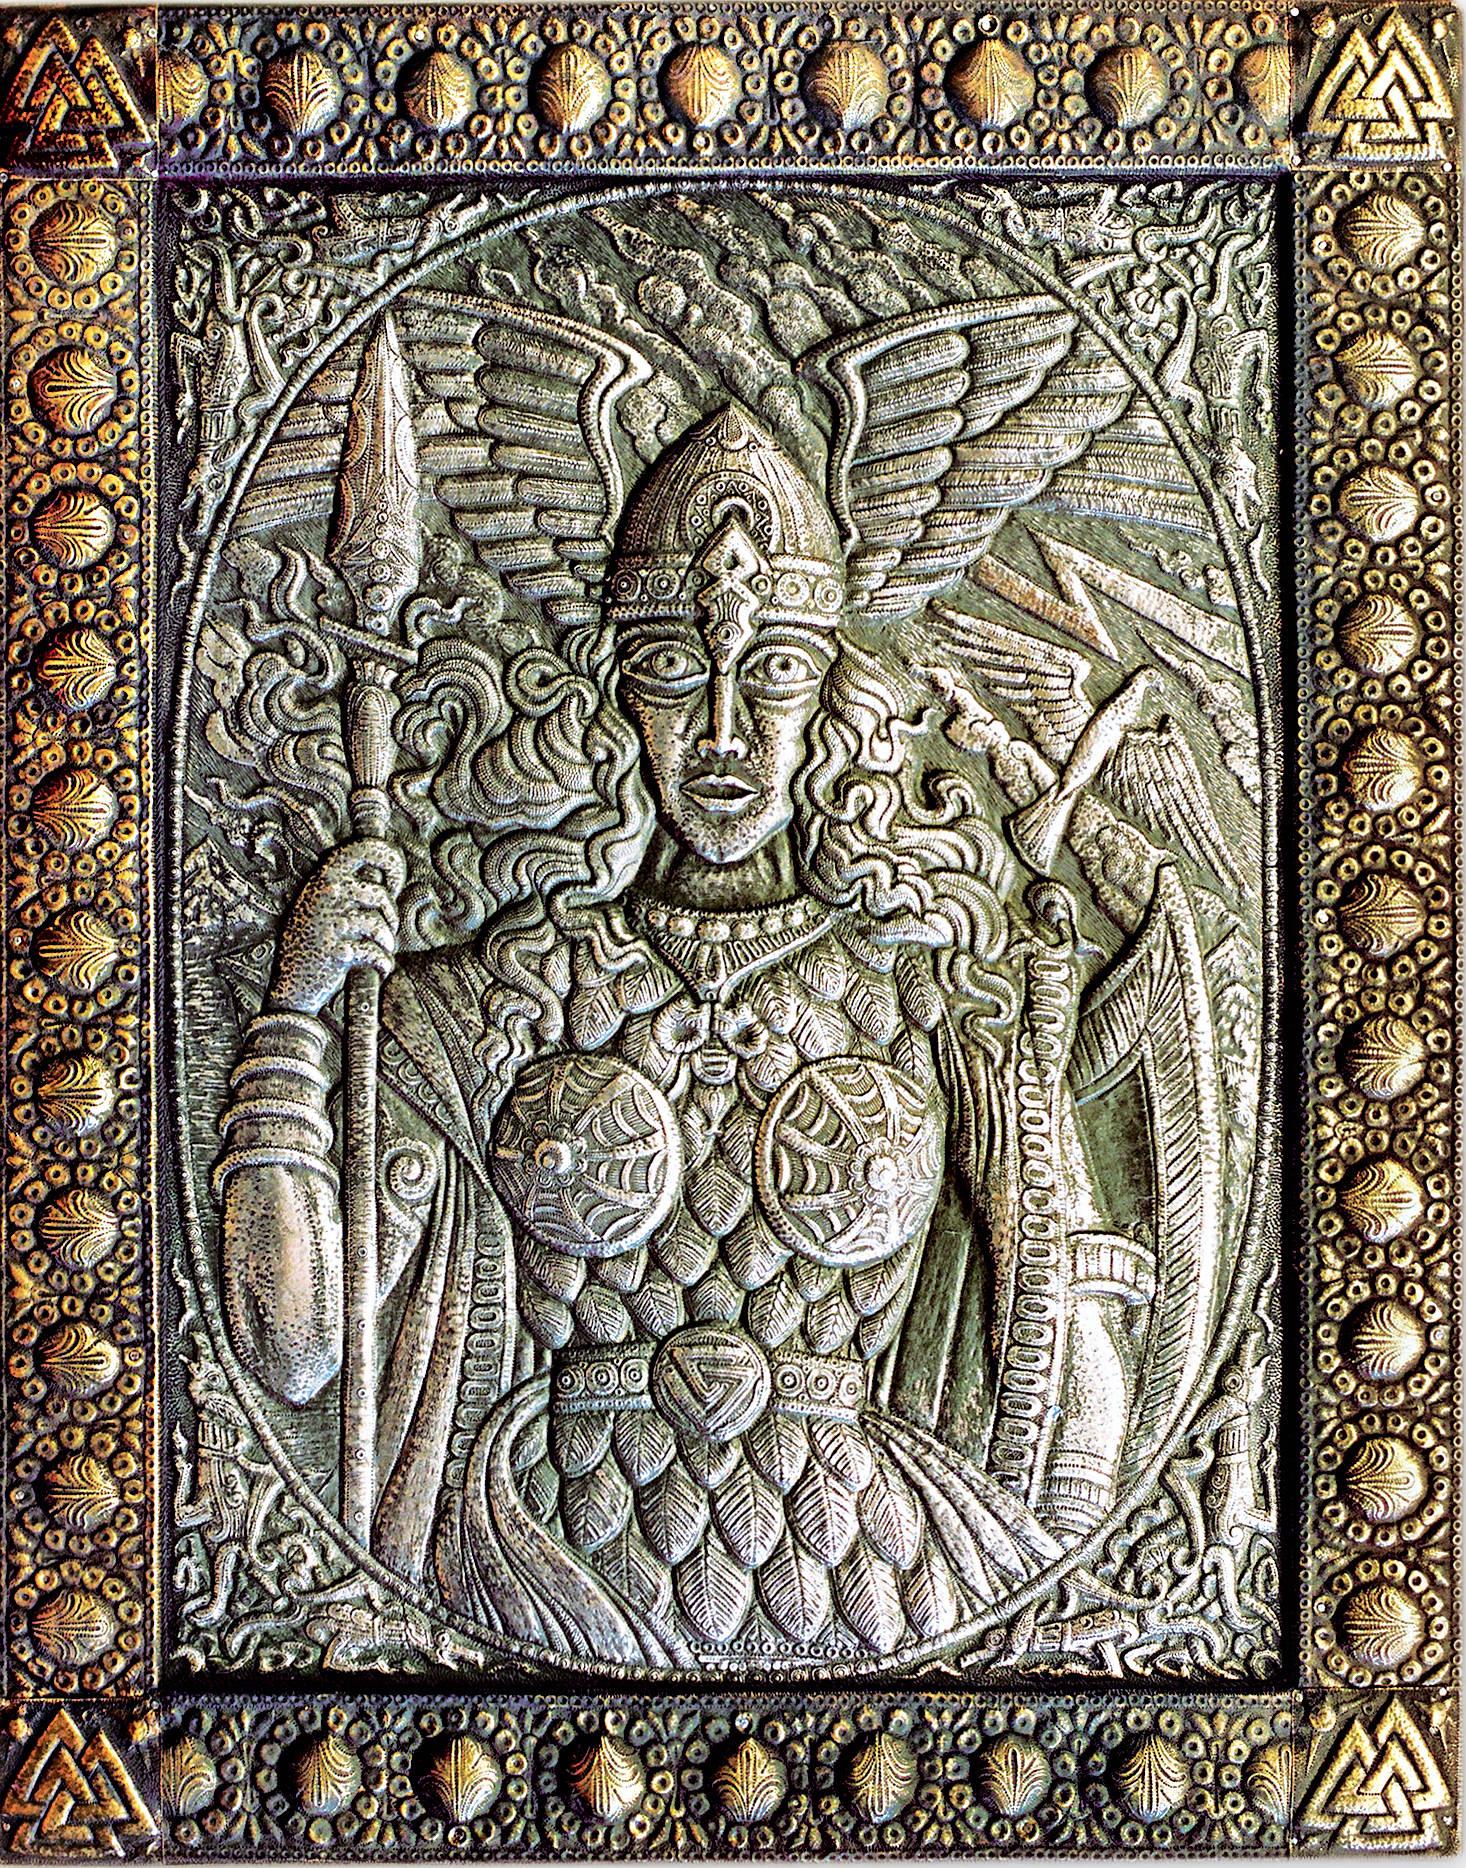 """Валькирия (панно из триптиха """"Великие богини) 1997 г. Медь, латунь; чернение. 90 х 70 см"""